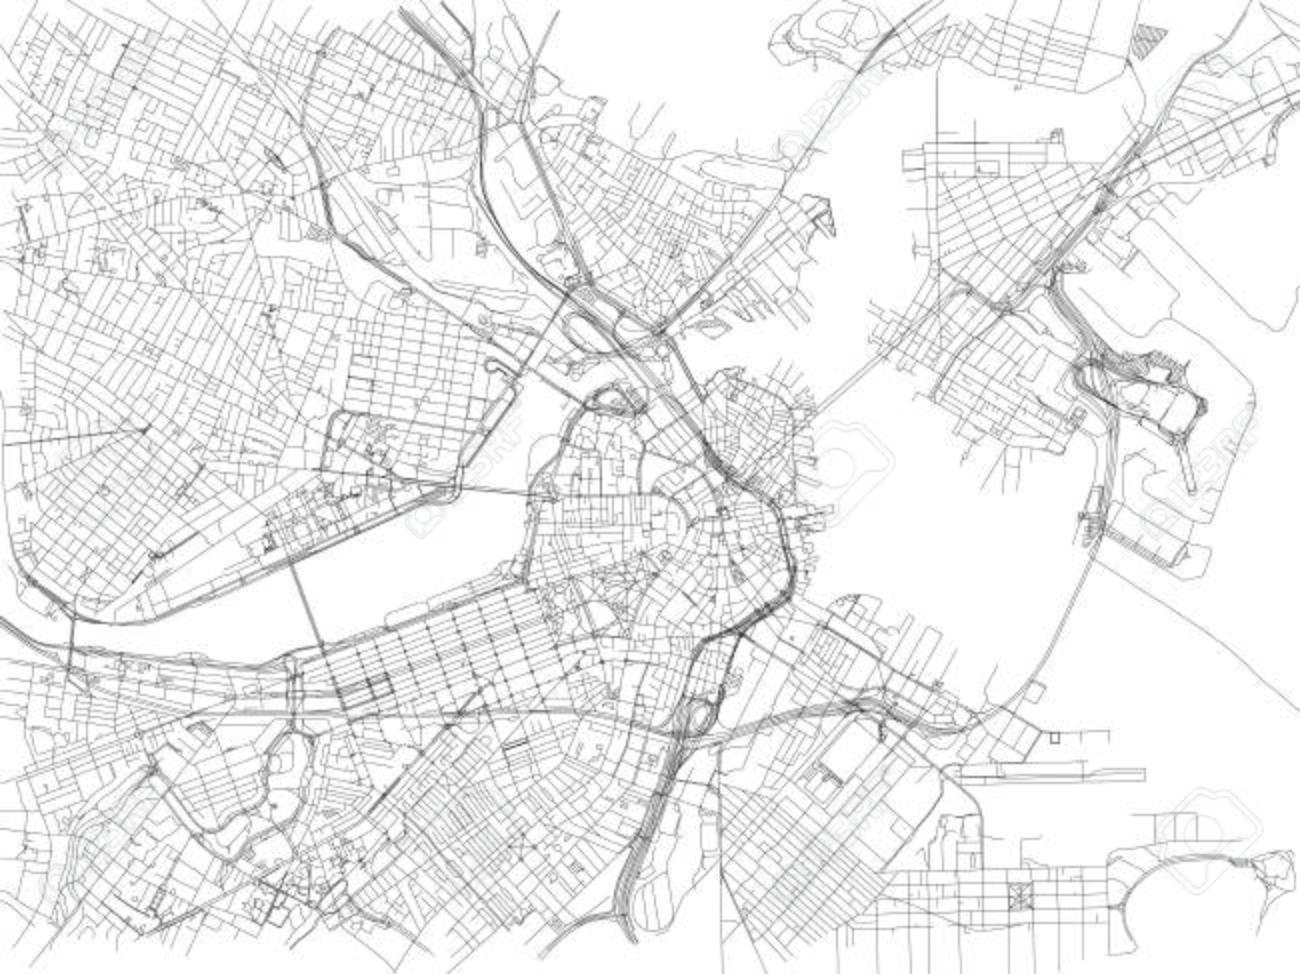 Boston Cartina Stati Uniti.Vettoriale Strade Di Boston Mappa Della Citta Massachusetts Stati Uniti Cartina Stradale Image 90438482